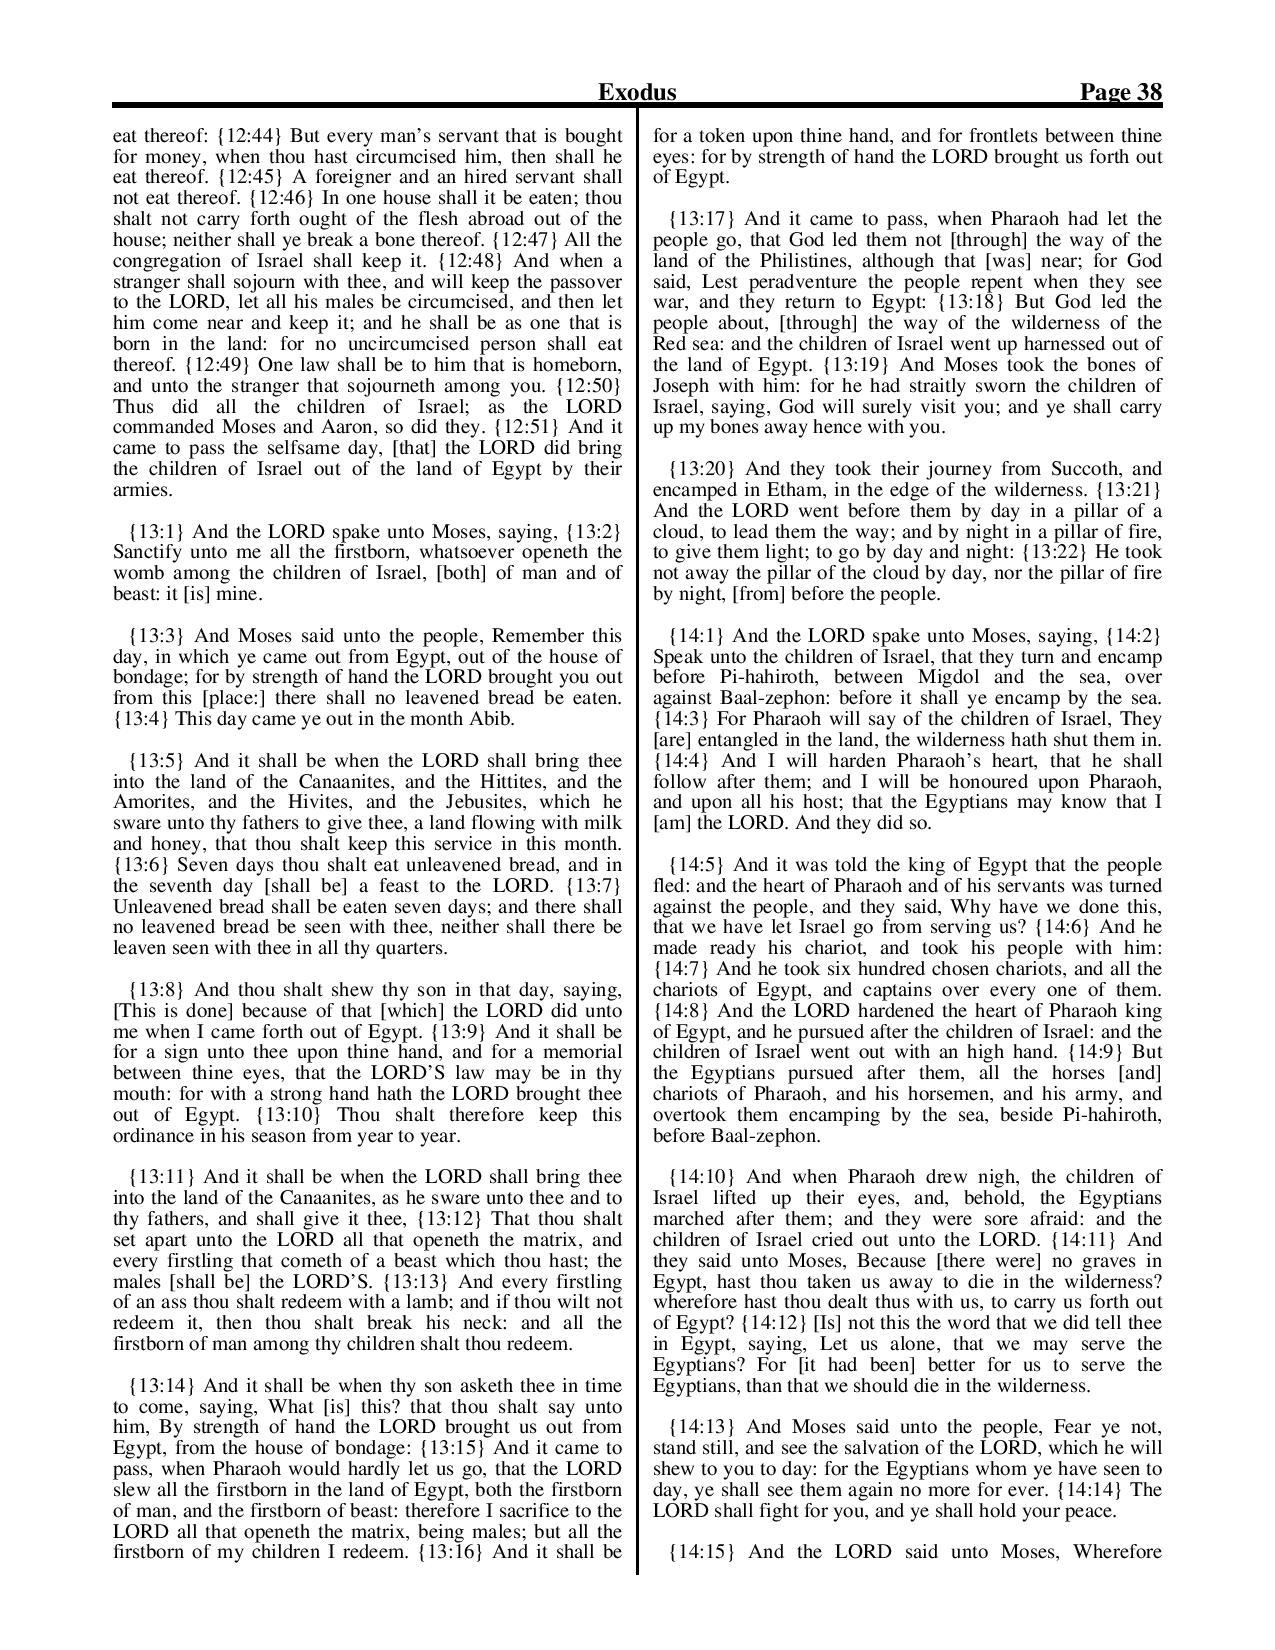 King-James-Bible-KJV-Bible-PDF-page-059